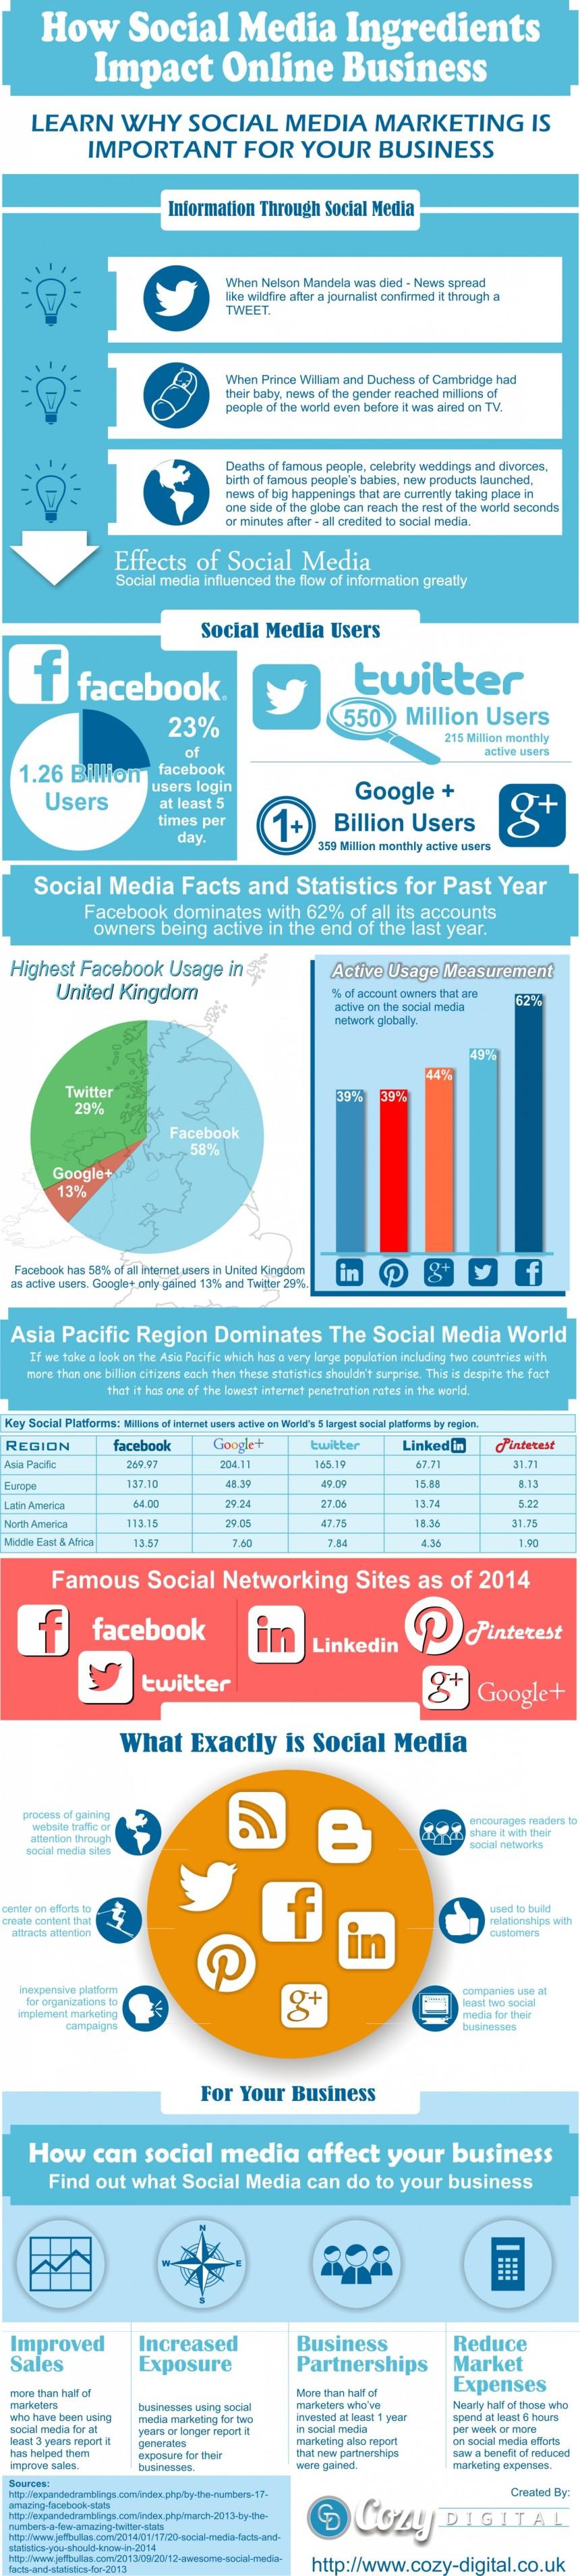 Cómo las Redes Sociales impactan en negocios online